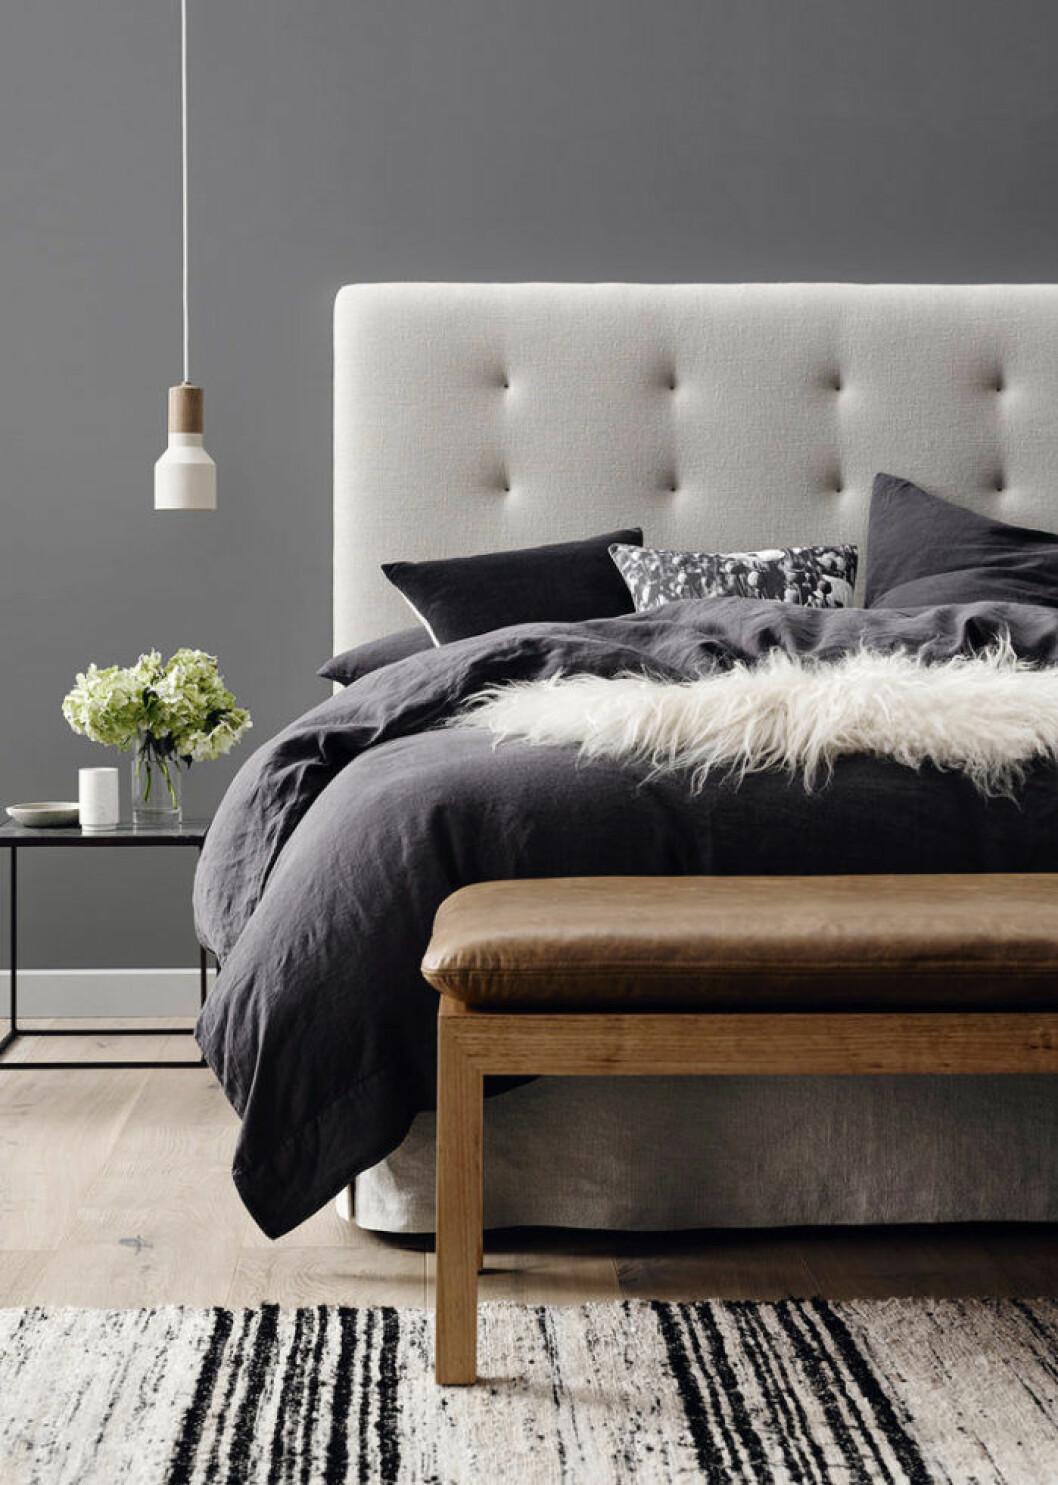 Säng med mörka textiler, grå sänggavel och en bänk framför